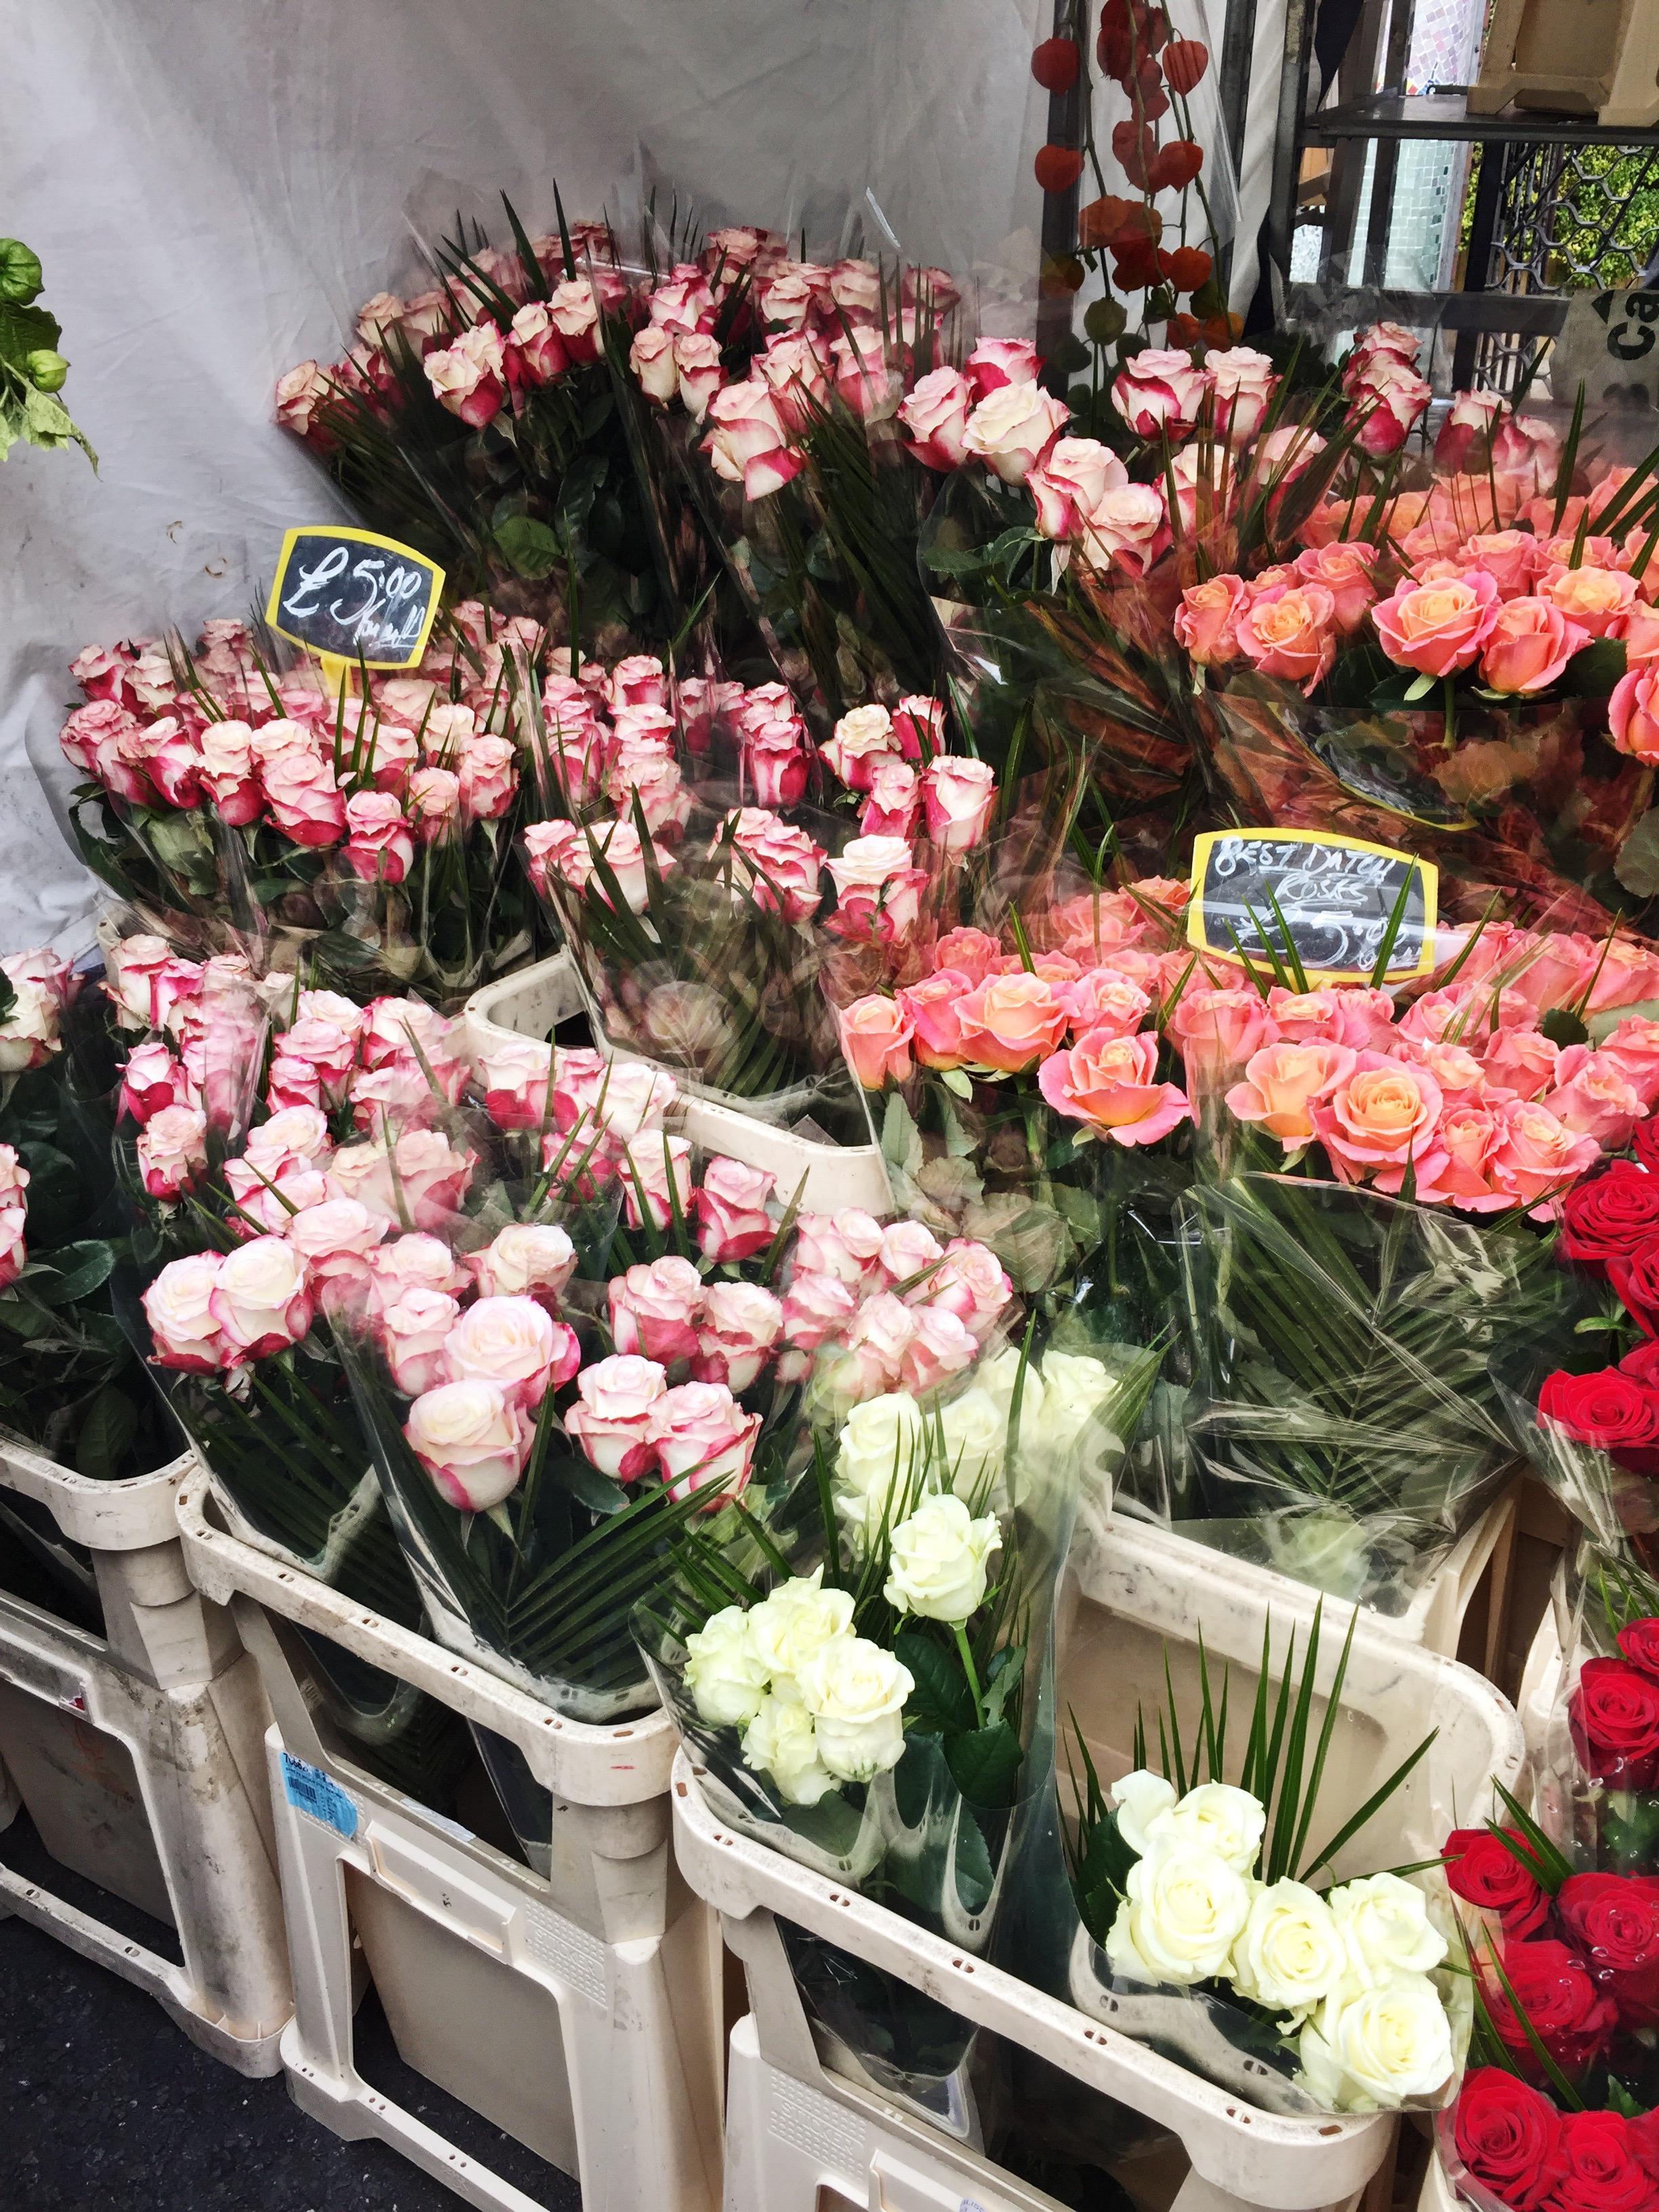 Flowers_London_Tripp Films.jpg